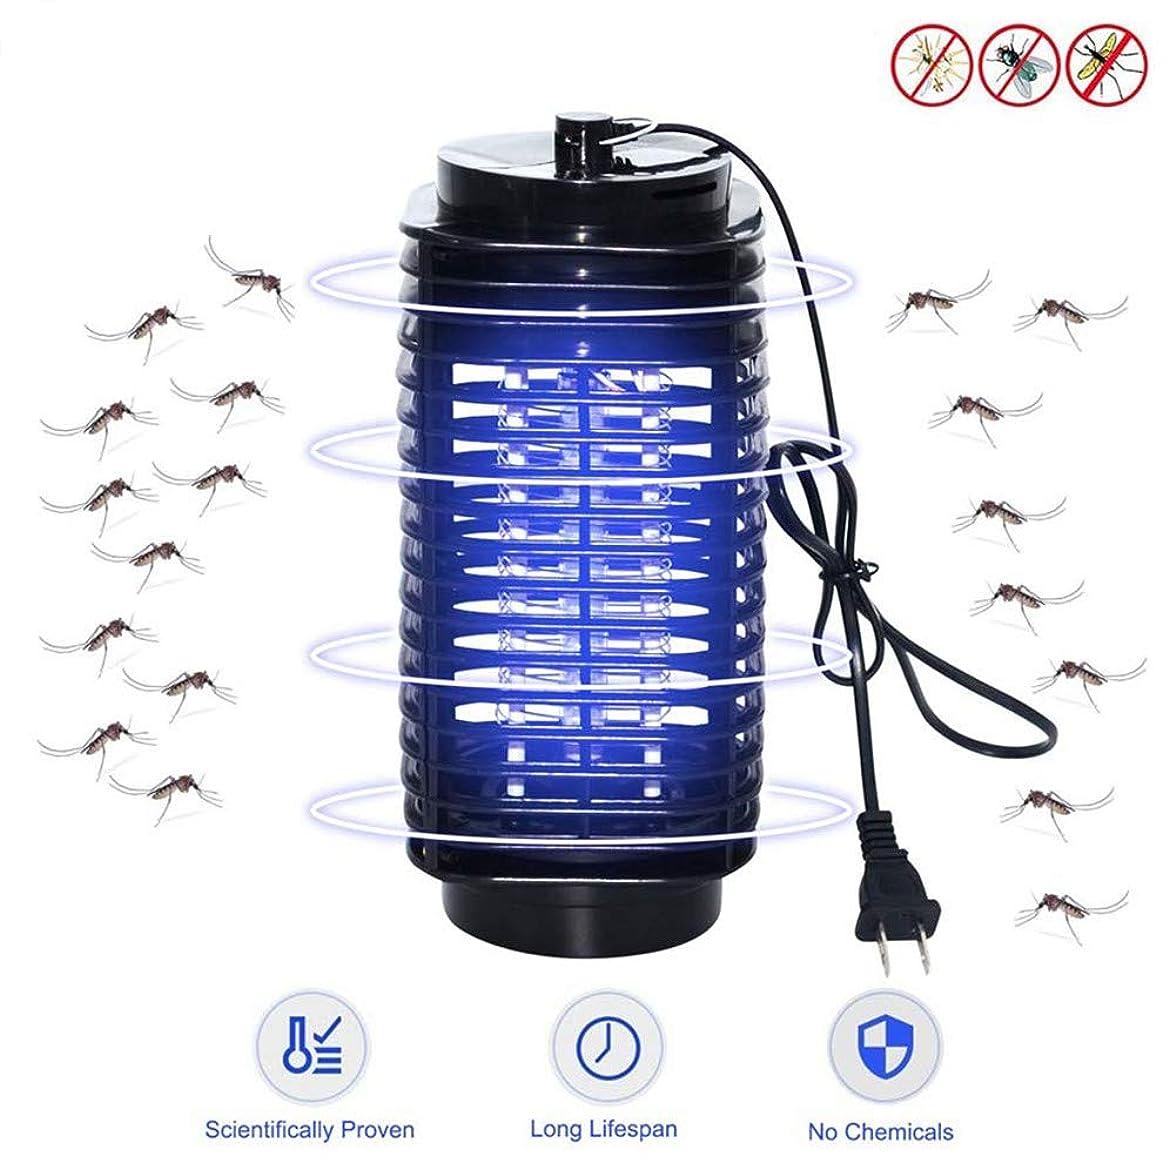 速い穀物一人で昆虫のキラーの電気導かれた昆虫のキラーの防虫剤の殺虫剤の昆虫の携帯用立場か屋内および屋外の使用のために適した掛かること